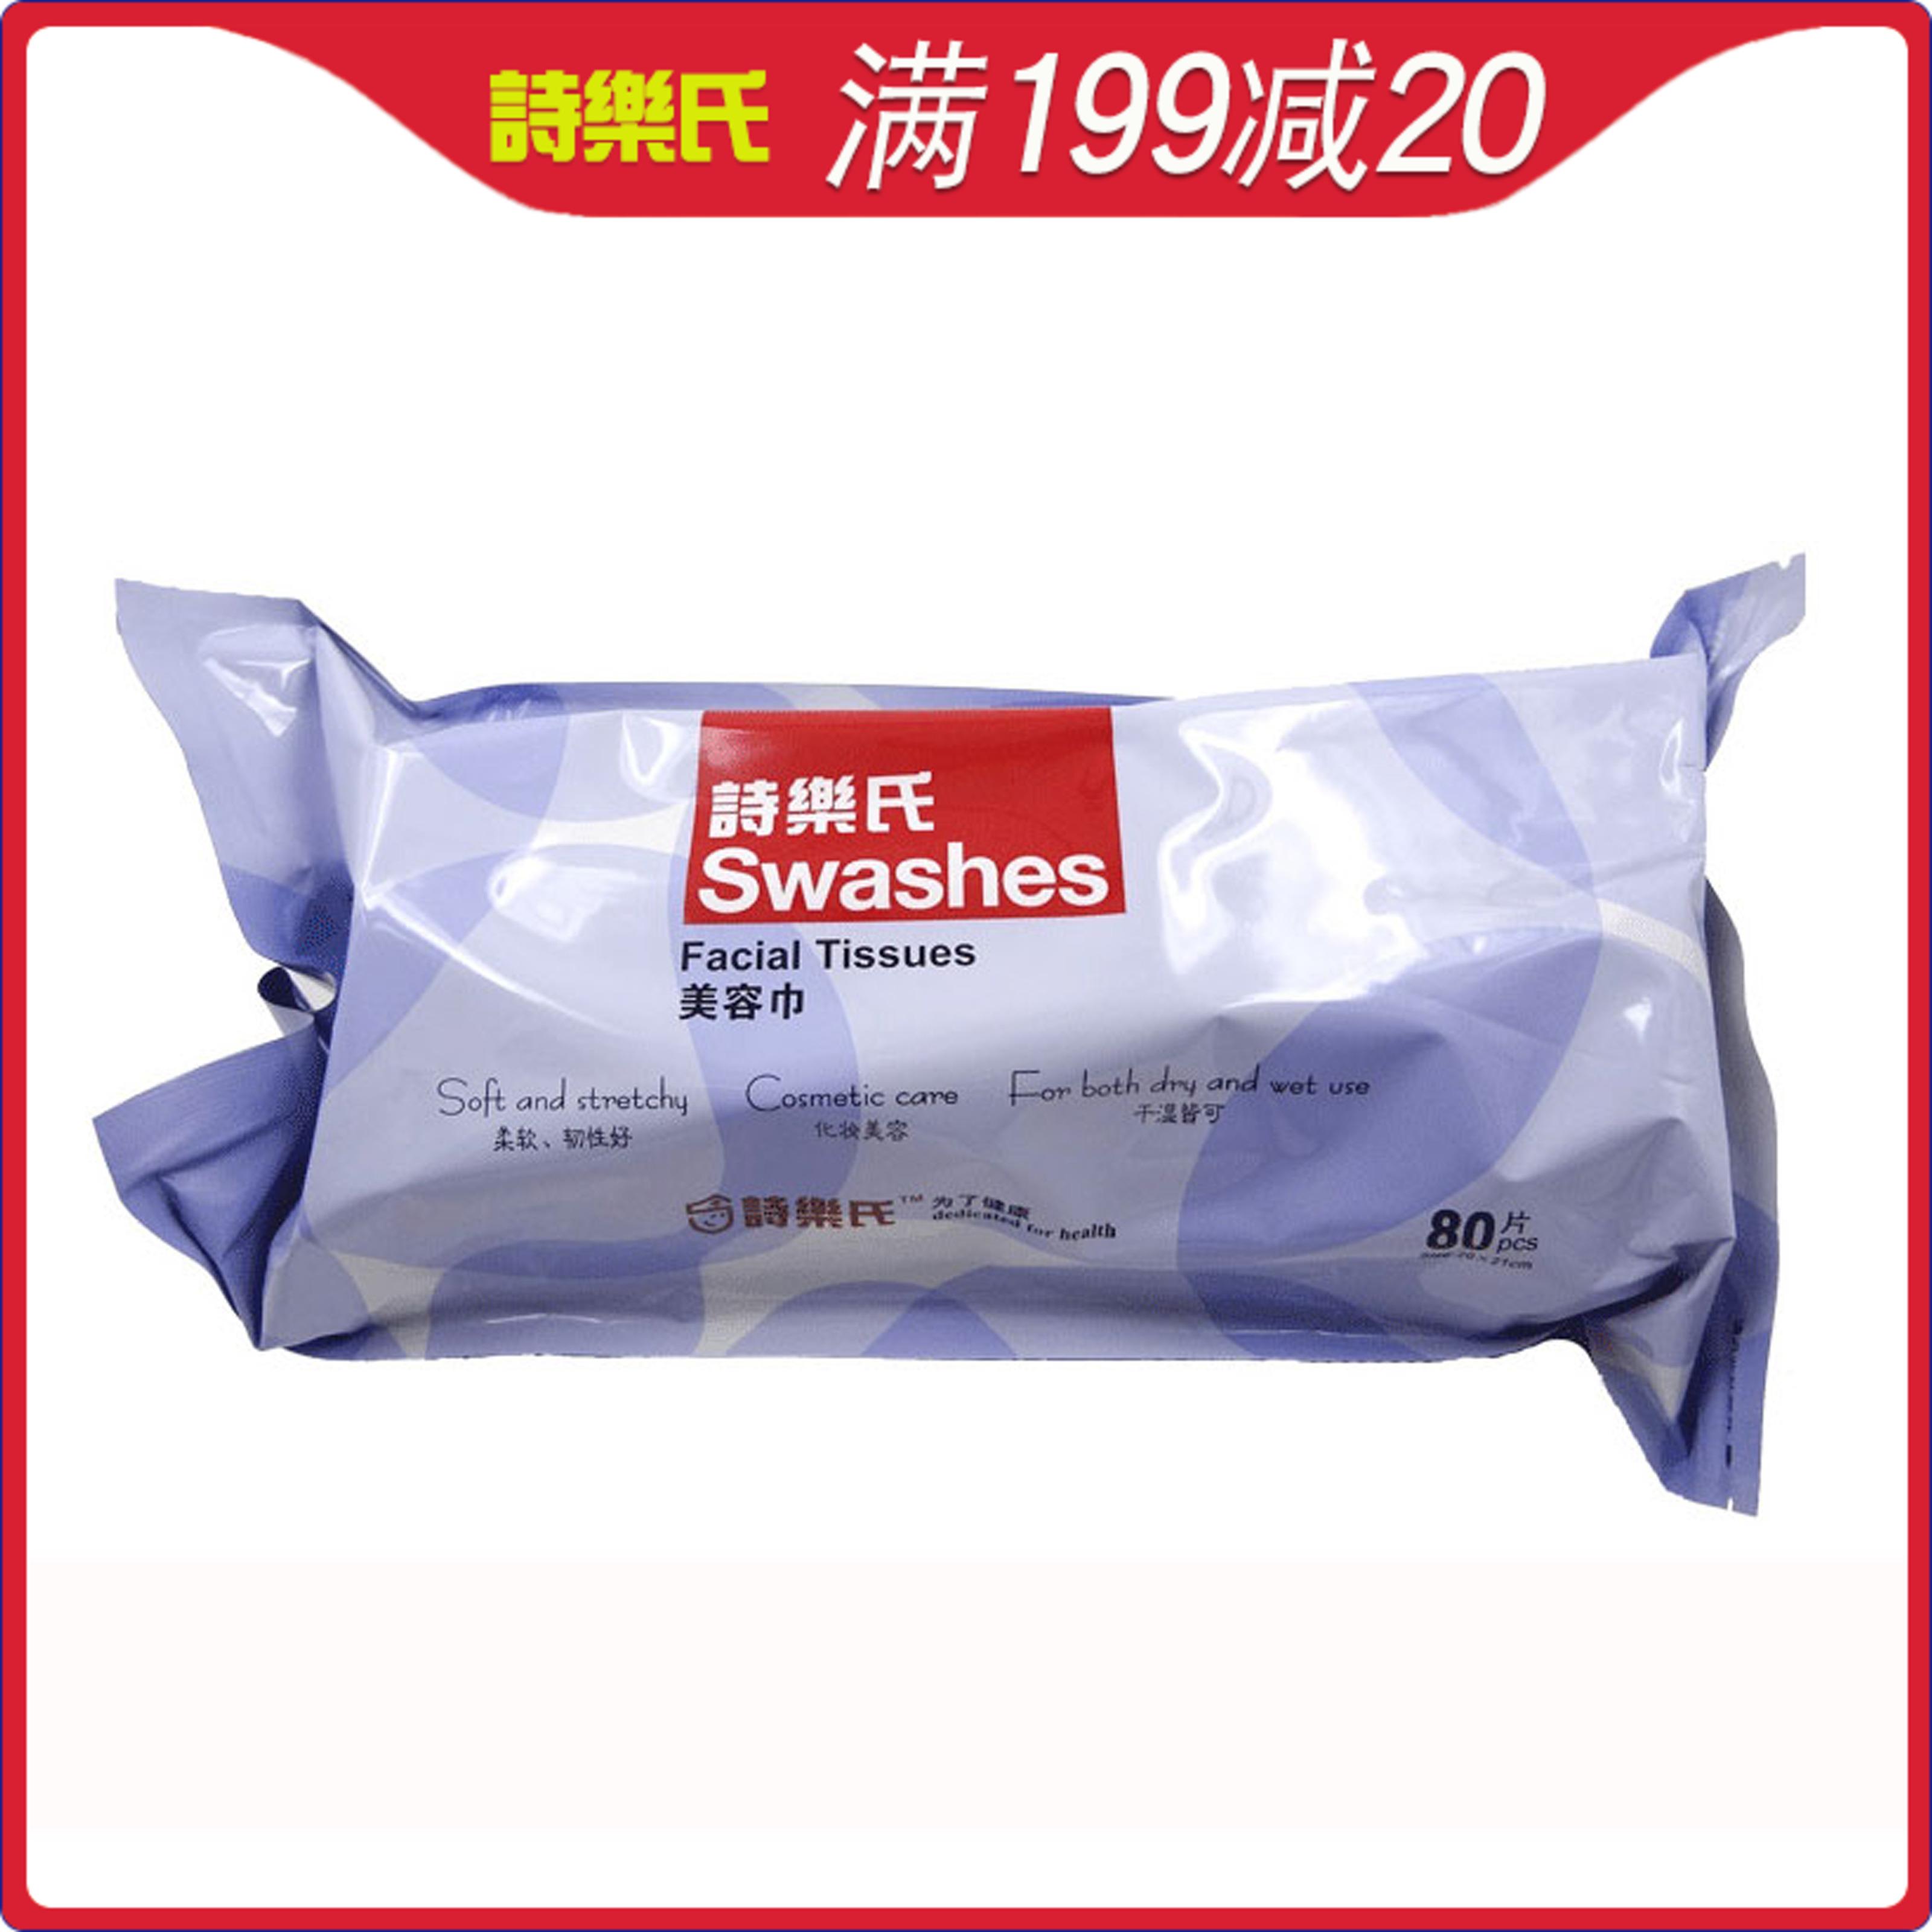 Swashes/詩樂氏美容巾80片袋裝卸妝化妝棉布快速清潔面板乾淨衛生